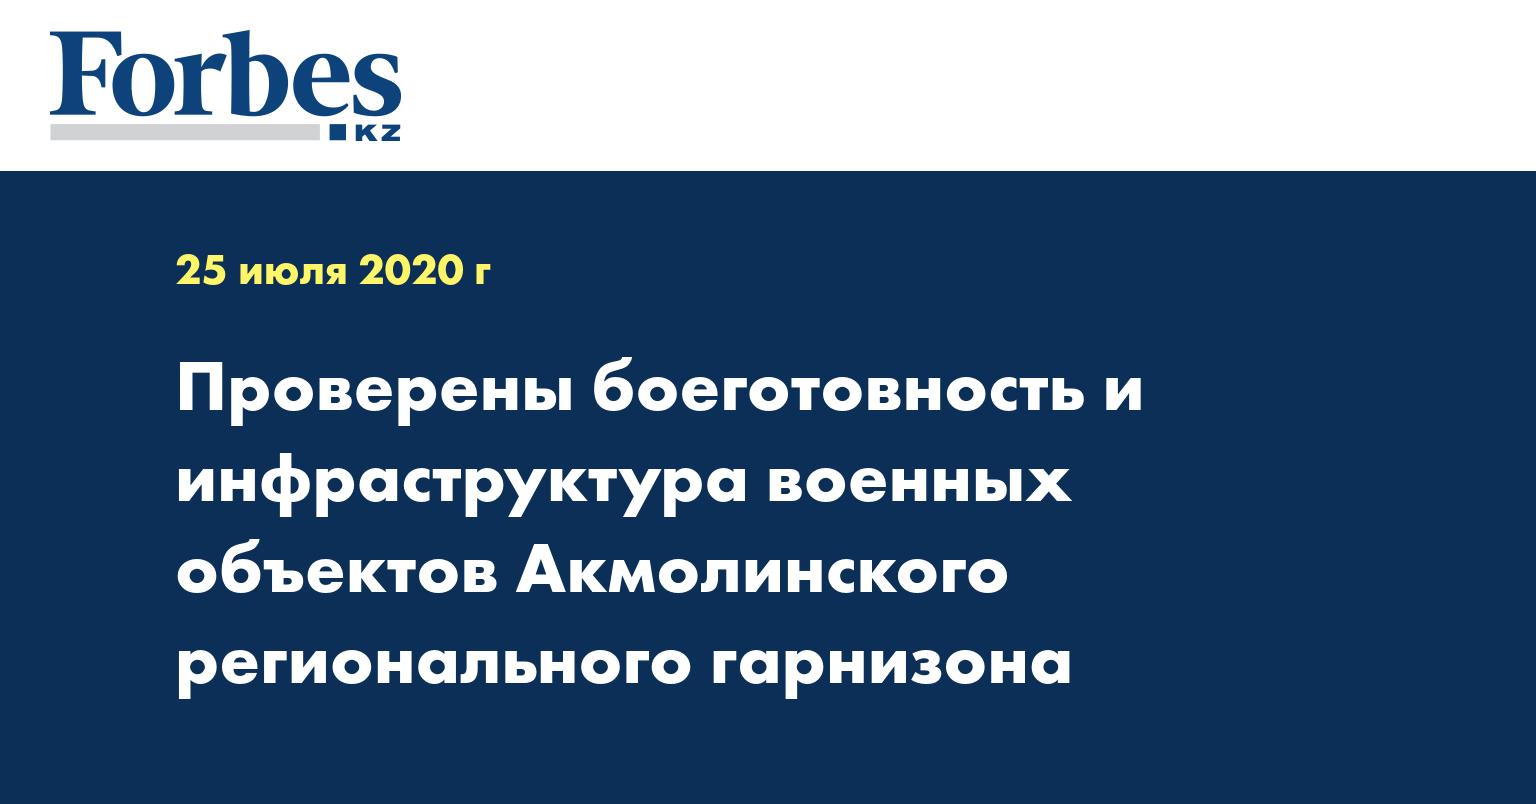 Проверены боеготовность и инфраструктура военных объектов Акмолинского регионального гарнизона